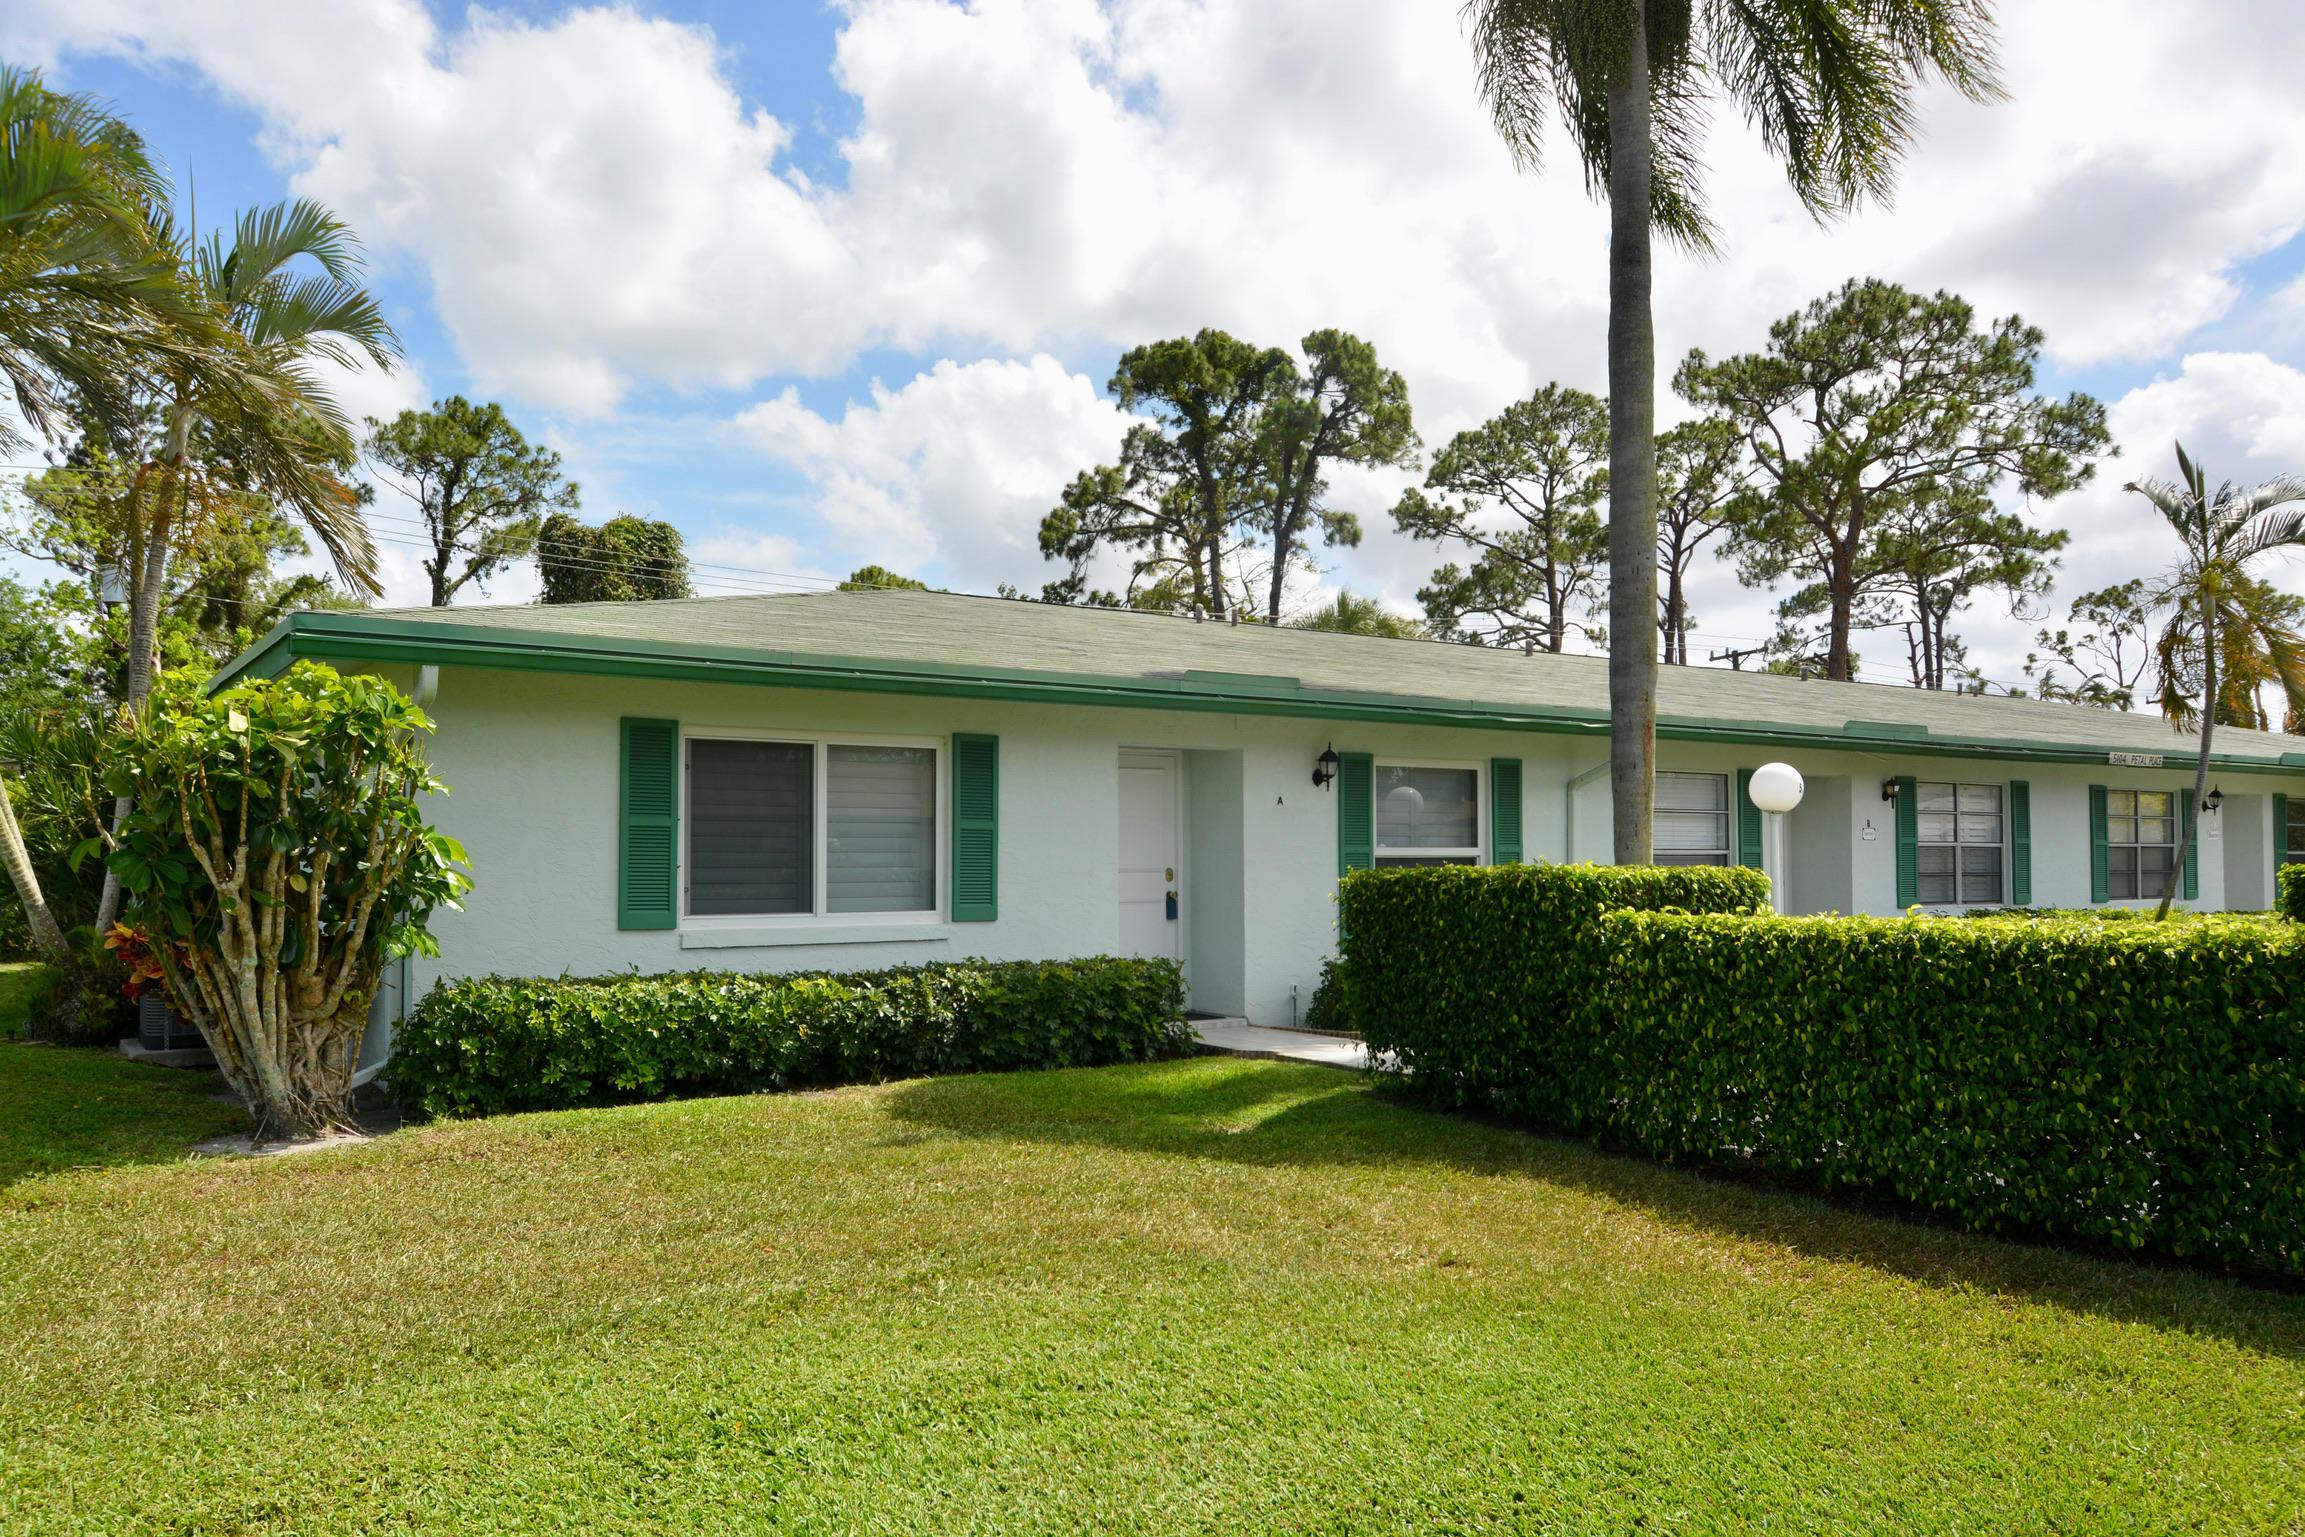 5104  Petal Place A For Sale 10719546, FL